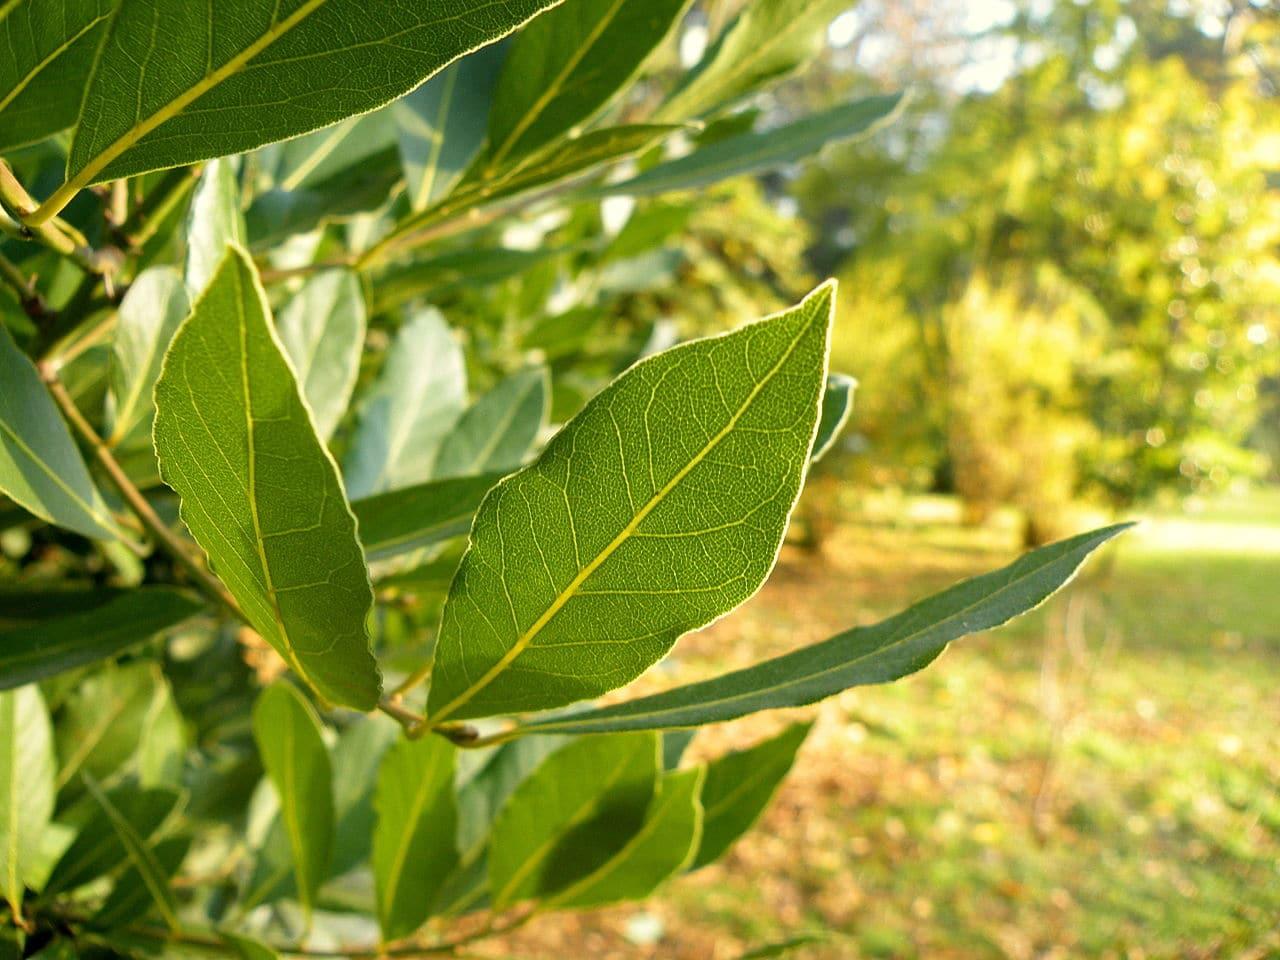 El laurel es un árbol perenne